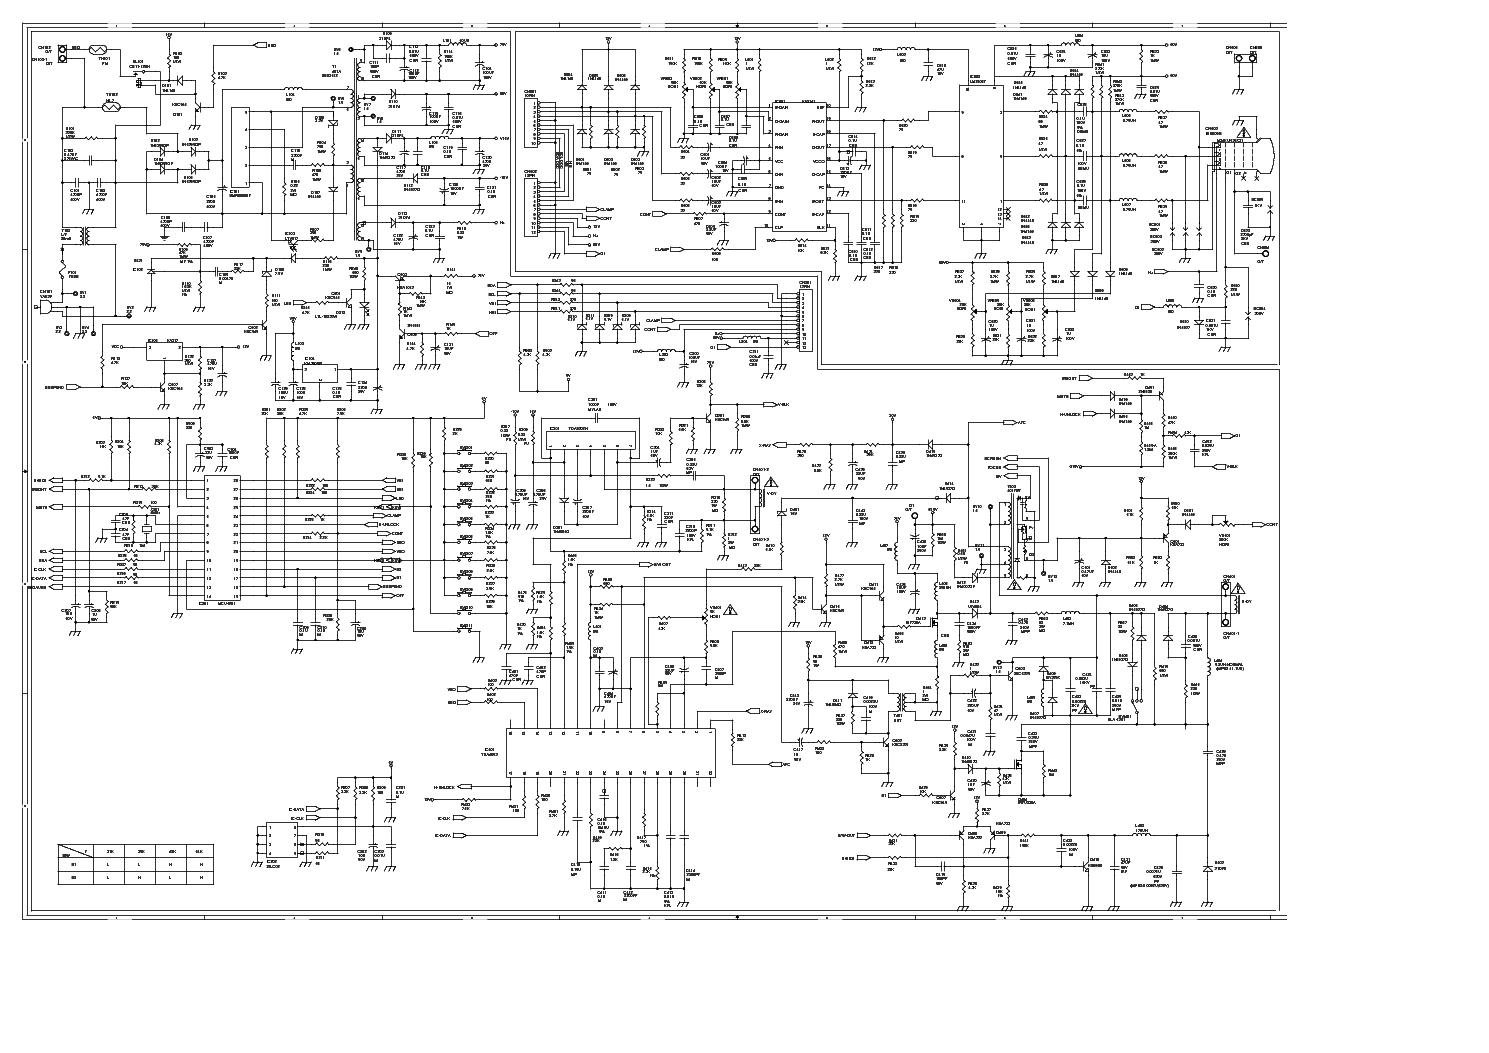 HANSOL-E14BL-401A service manual (1st page)